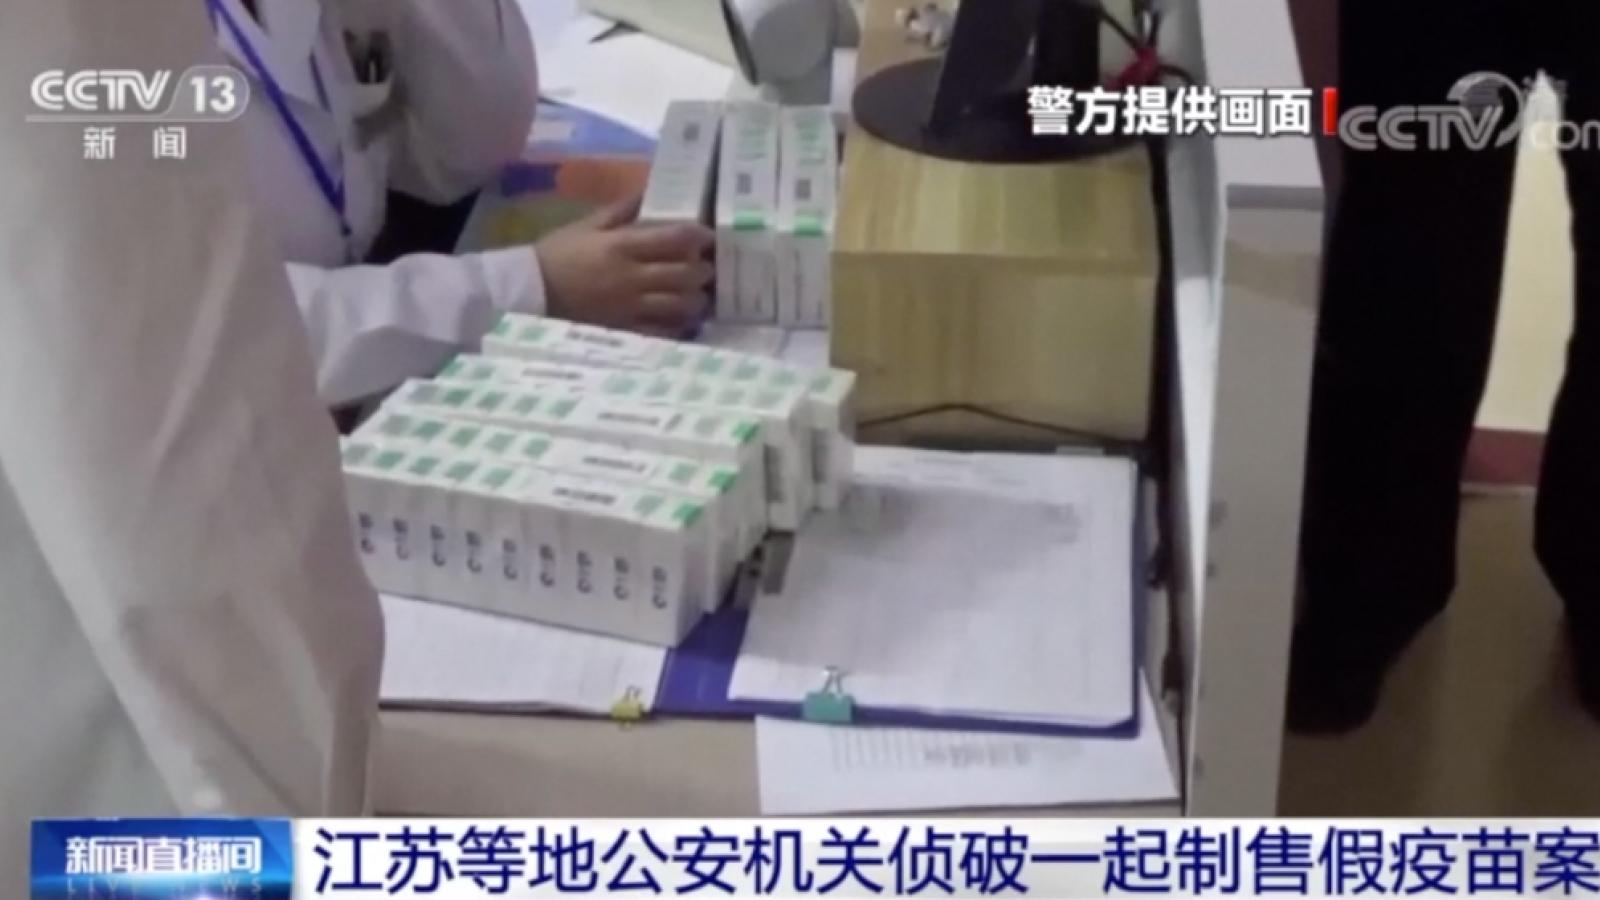 Trung Quốc bắt hơn 80 người liên quan đến vaccine Covid-19 giả